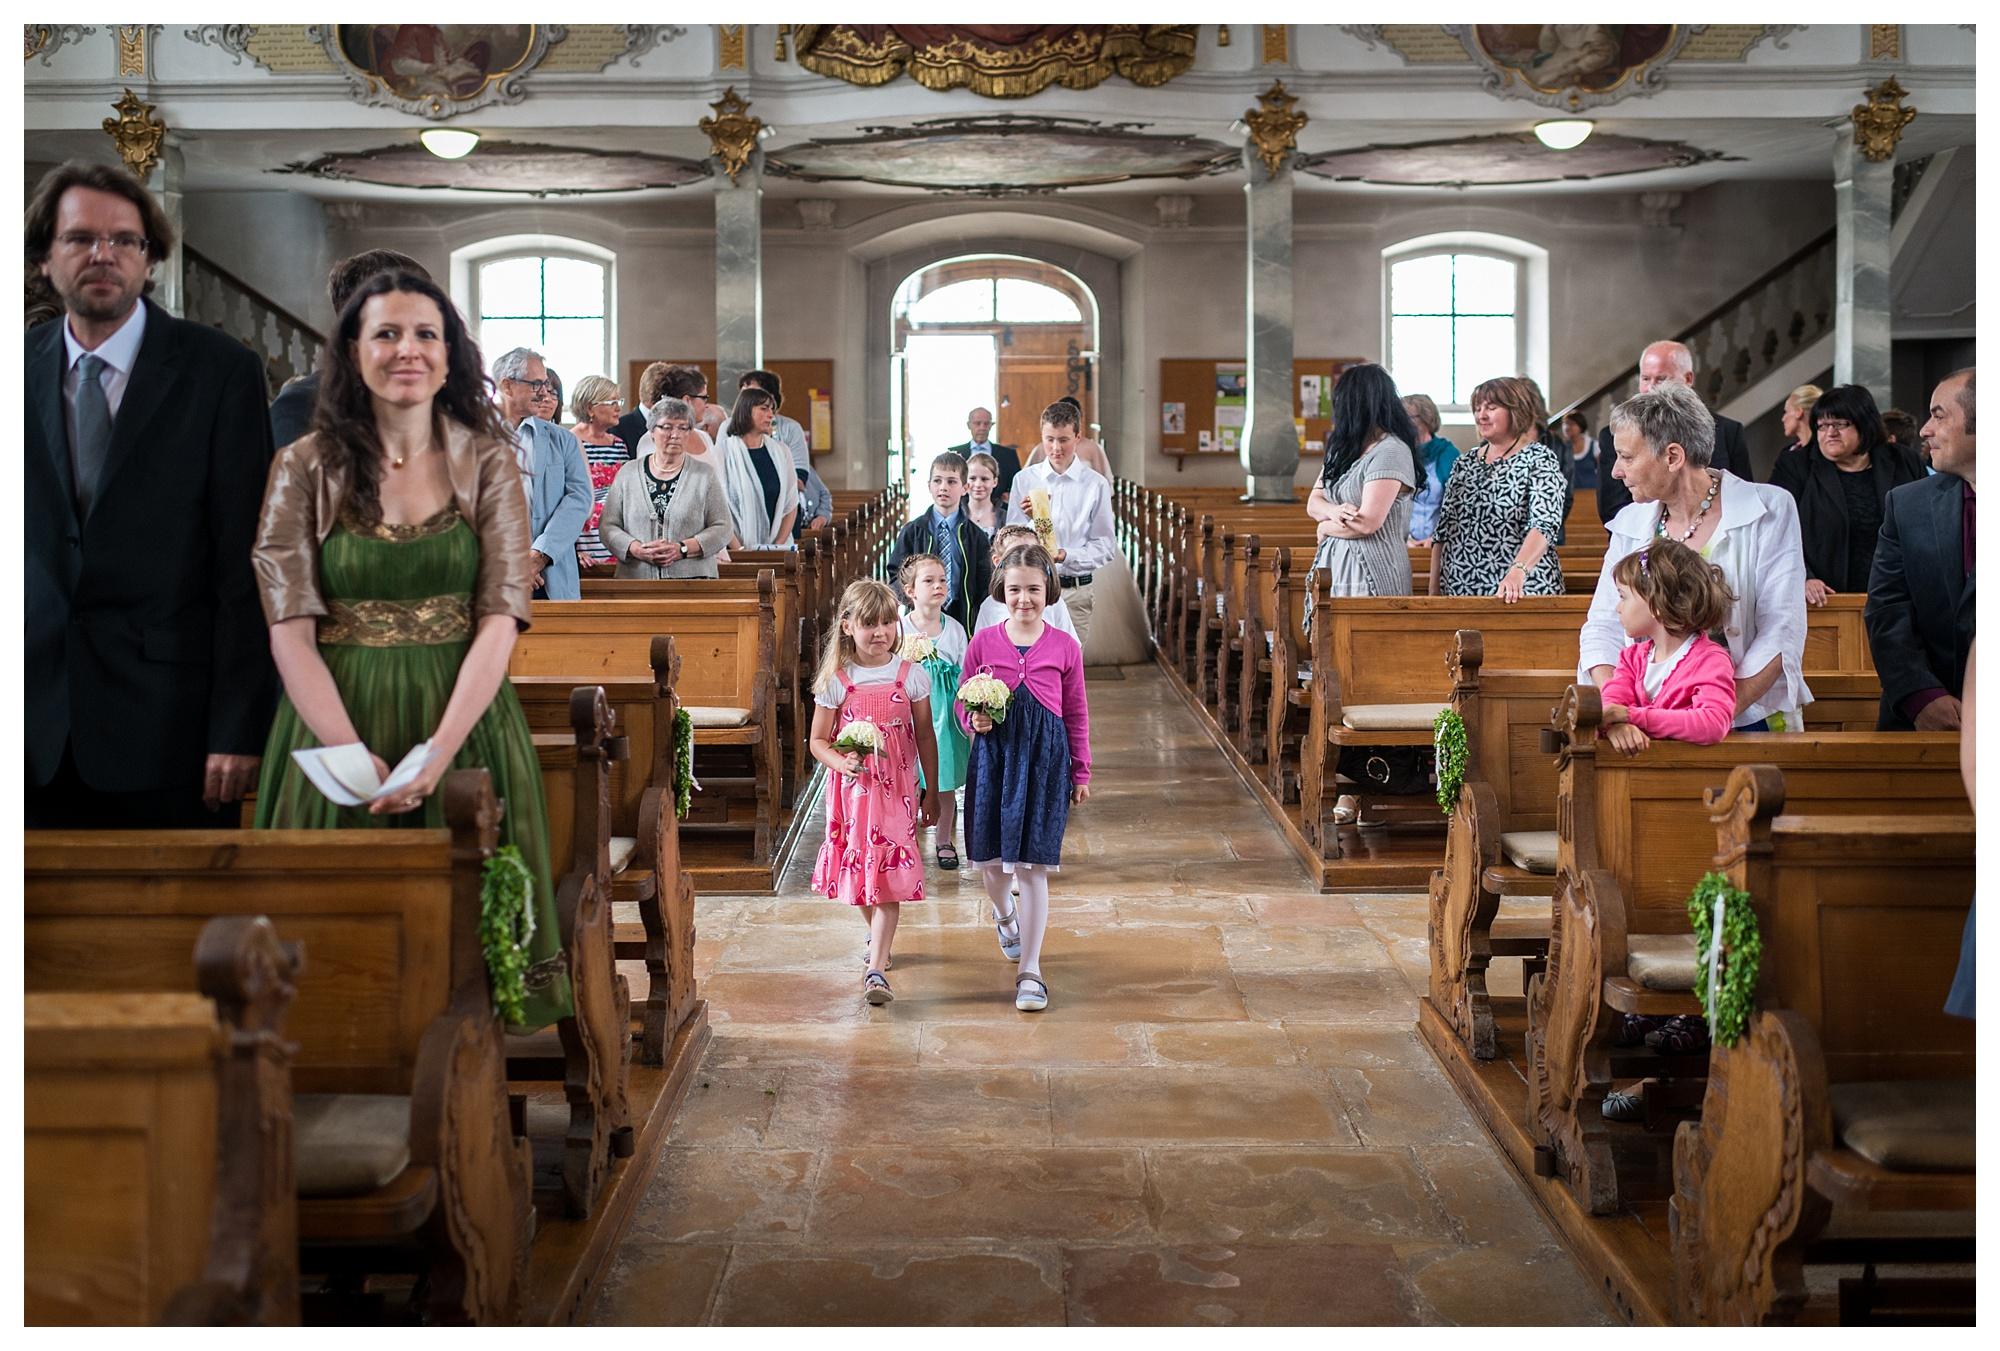 Fotograf Konstanz - Hochzeit Tanja Elmar Elmar Feuerbacher Photography Konstanz Messkirch Highlights 021 - Hochzeitsreportage von Tanja und Elmar im Schloss Meßkirch  - 125 -